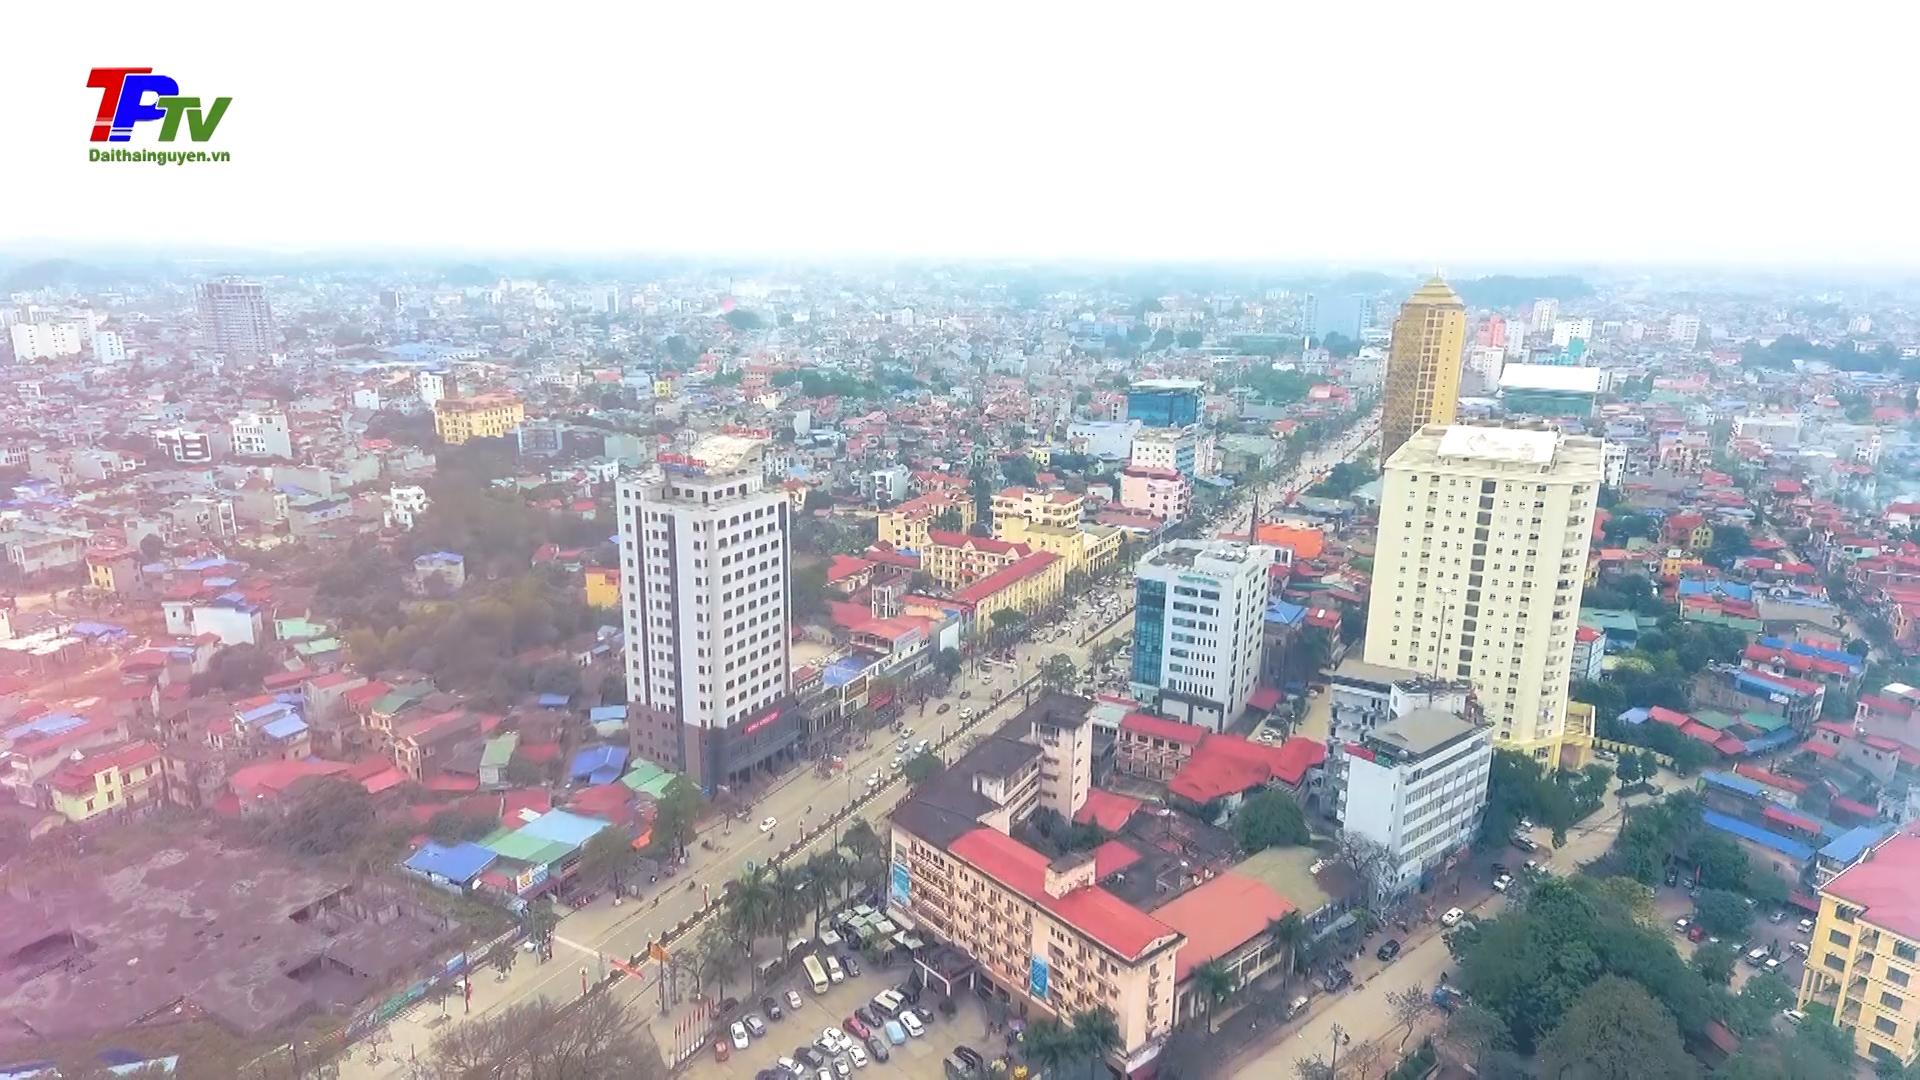 Thành phố Thái Nguyên - Điểm sáng về thu hút đầu tư